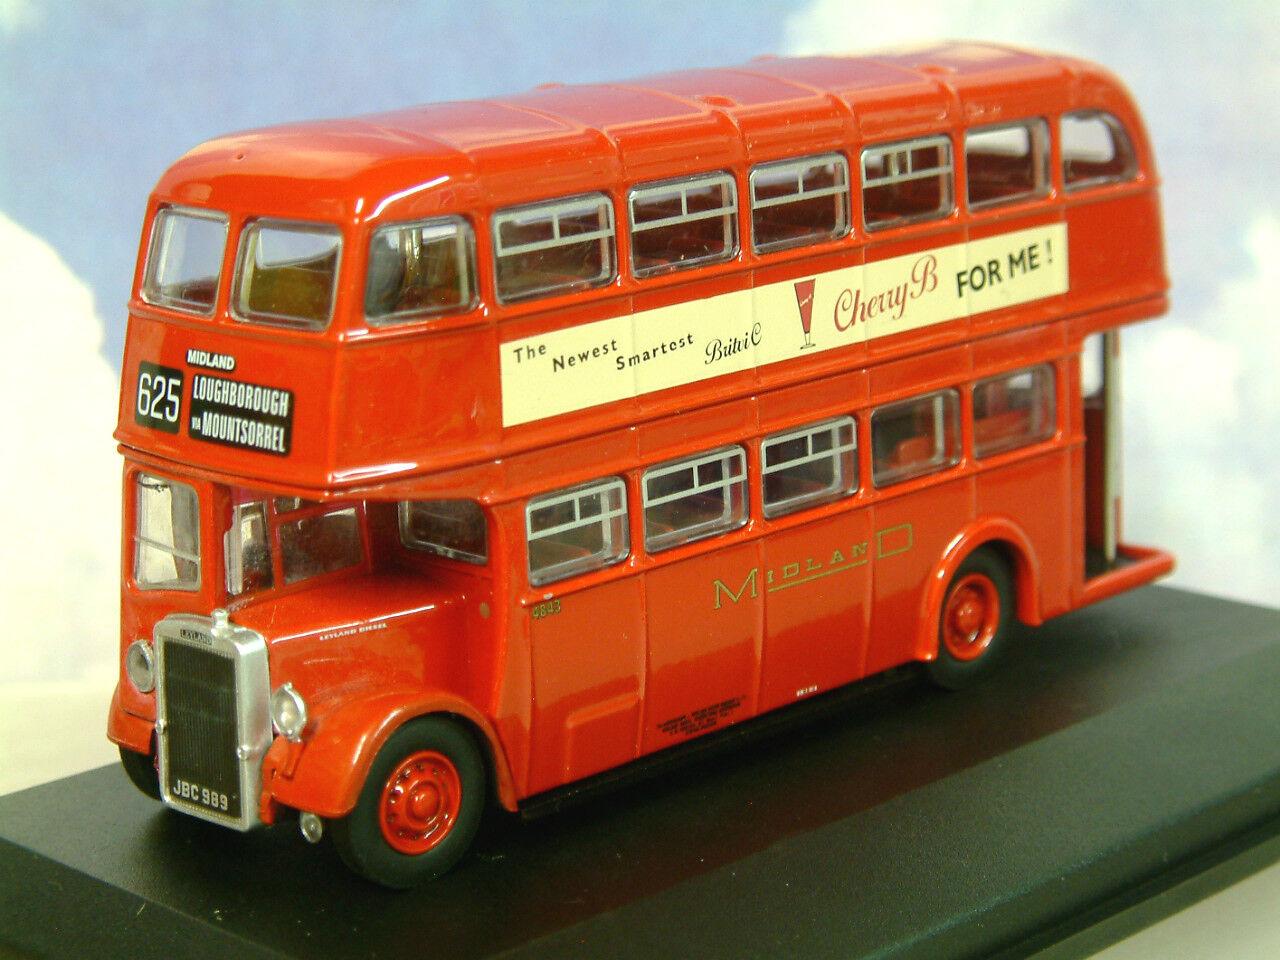 Oxford tärningskast 1  76 Leyland Titan Pd2  12 Midland röd Rt625 Loughbguldugh